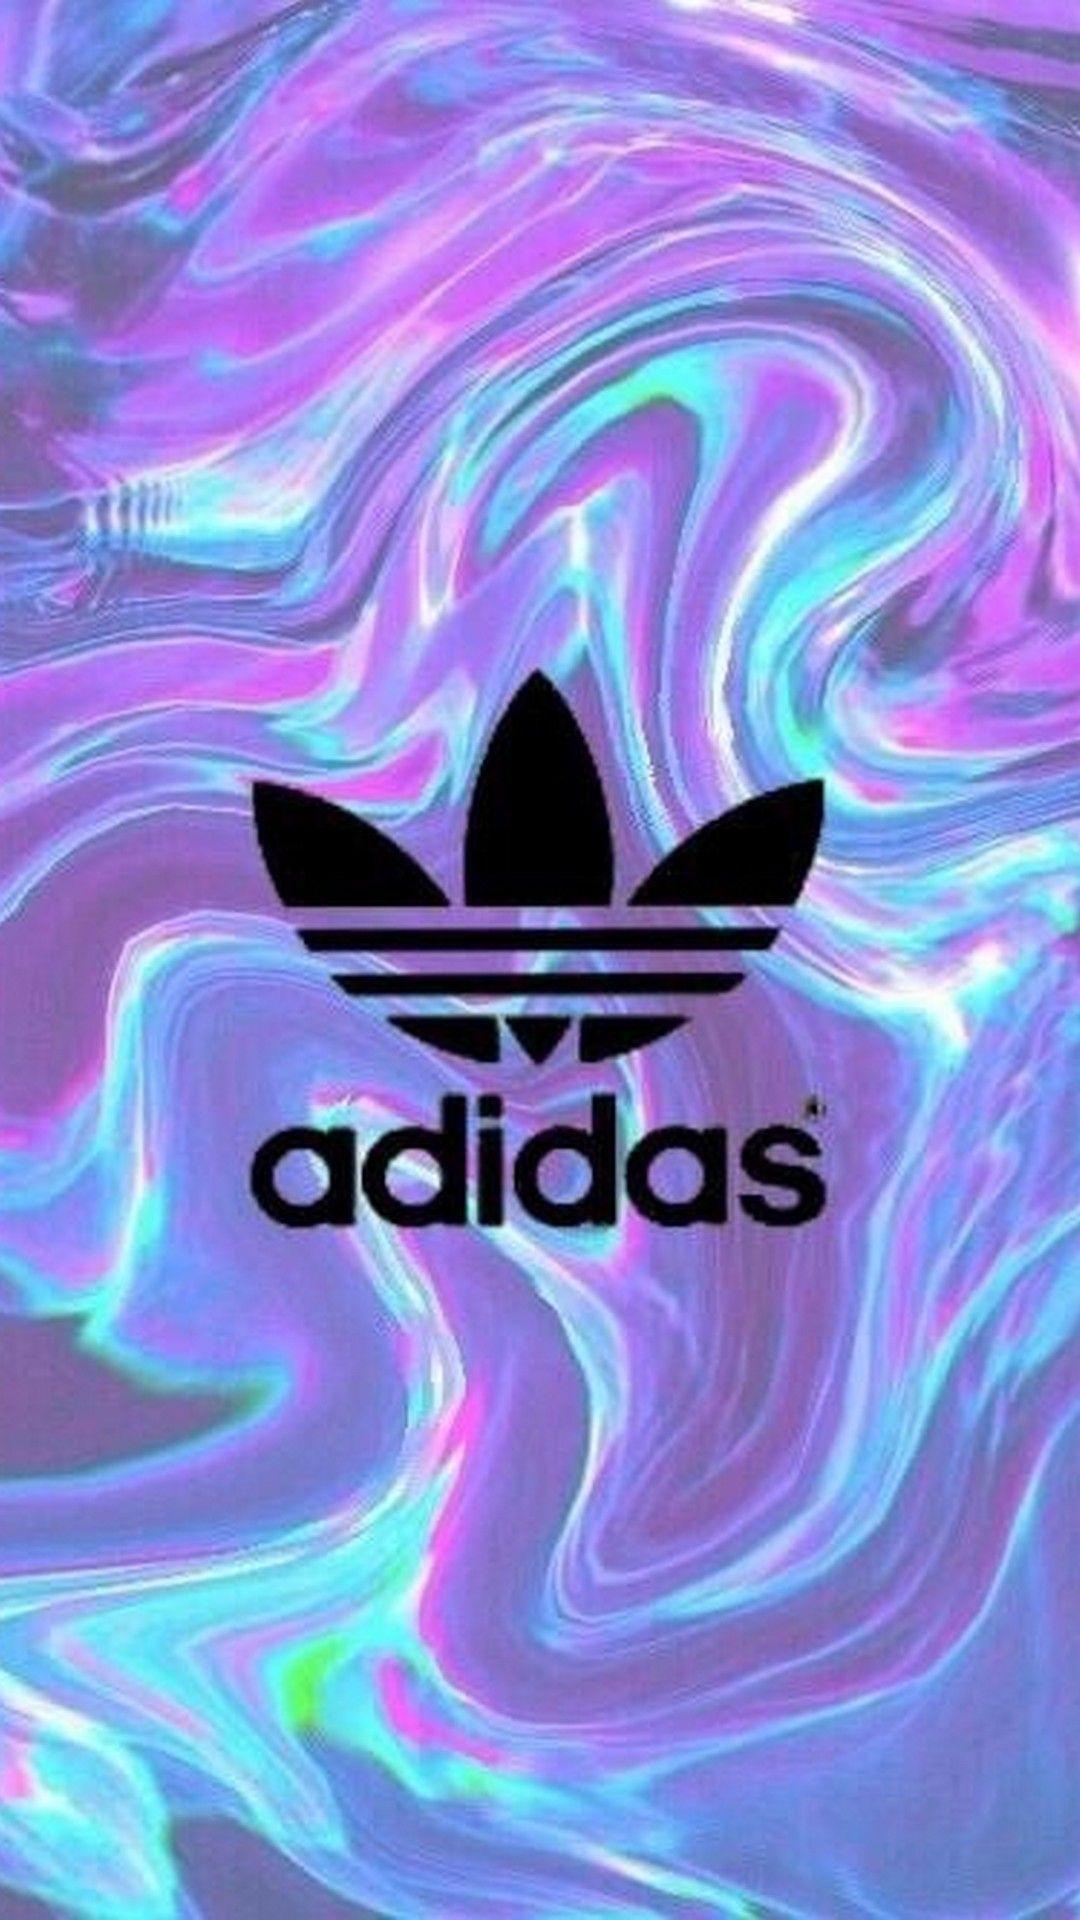 Adidas Wallpaper iPhone | Best Wallpaper HD | Adidas ...